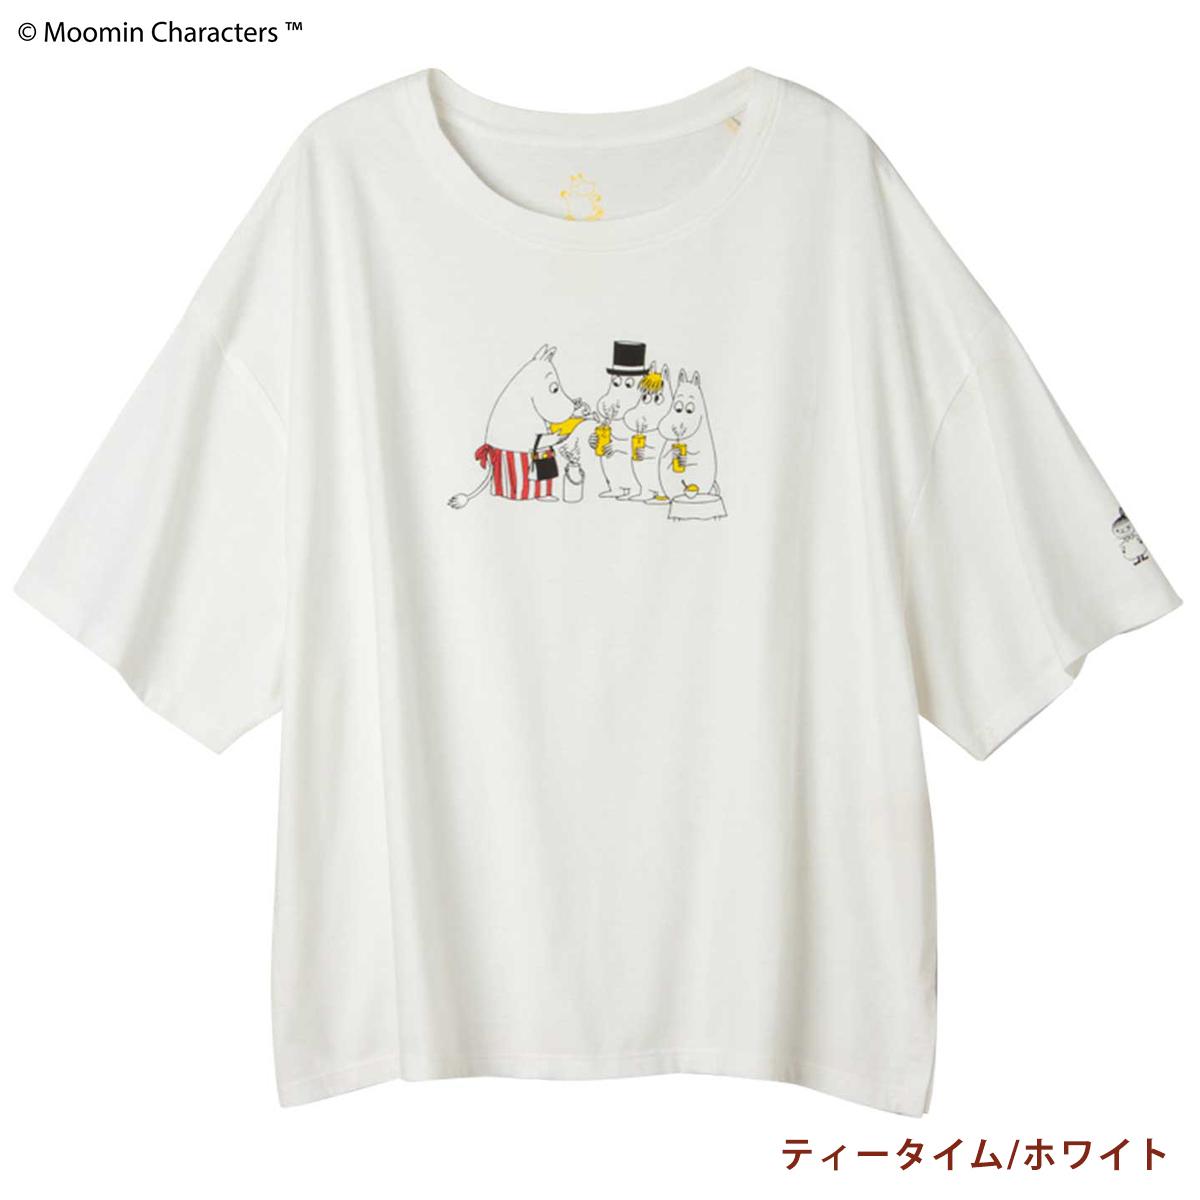 【ピープルツリー】 ムーミンOCプリントビッグTシャツ    #PeopleTree #ムーミン #フェアトレード #オーガニックコットン #Tシャツ